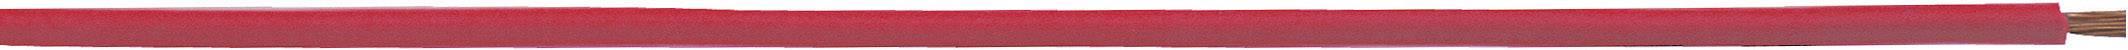 Opletenie / lanko LappKabel 4510141 H05V-K, 1 x 0.50 mm², vonkajší Ø 2.10 mm, 100 m, tmavomodrá